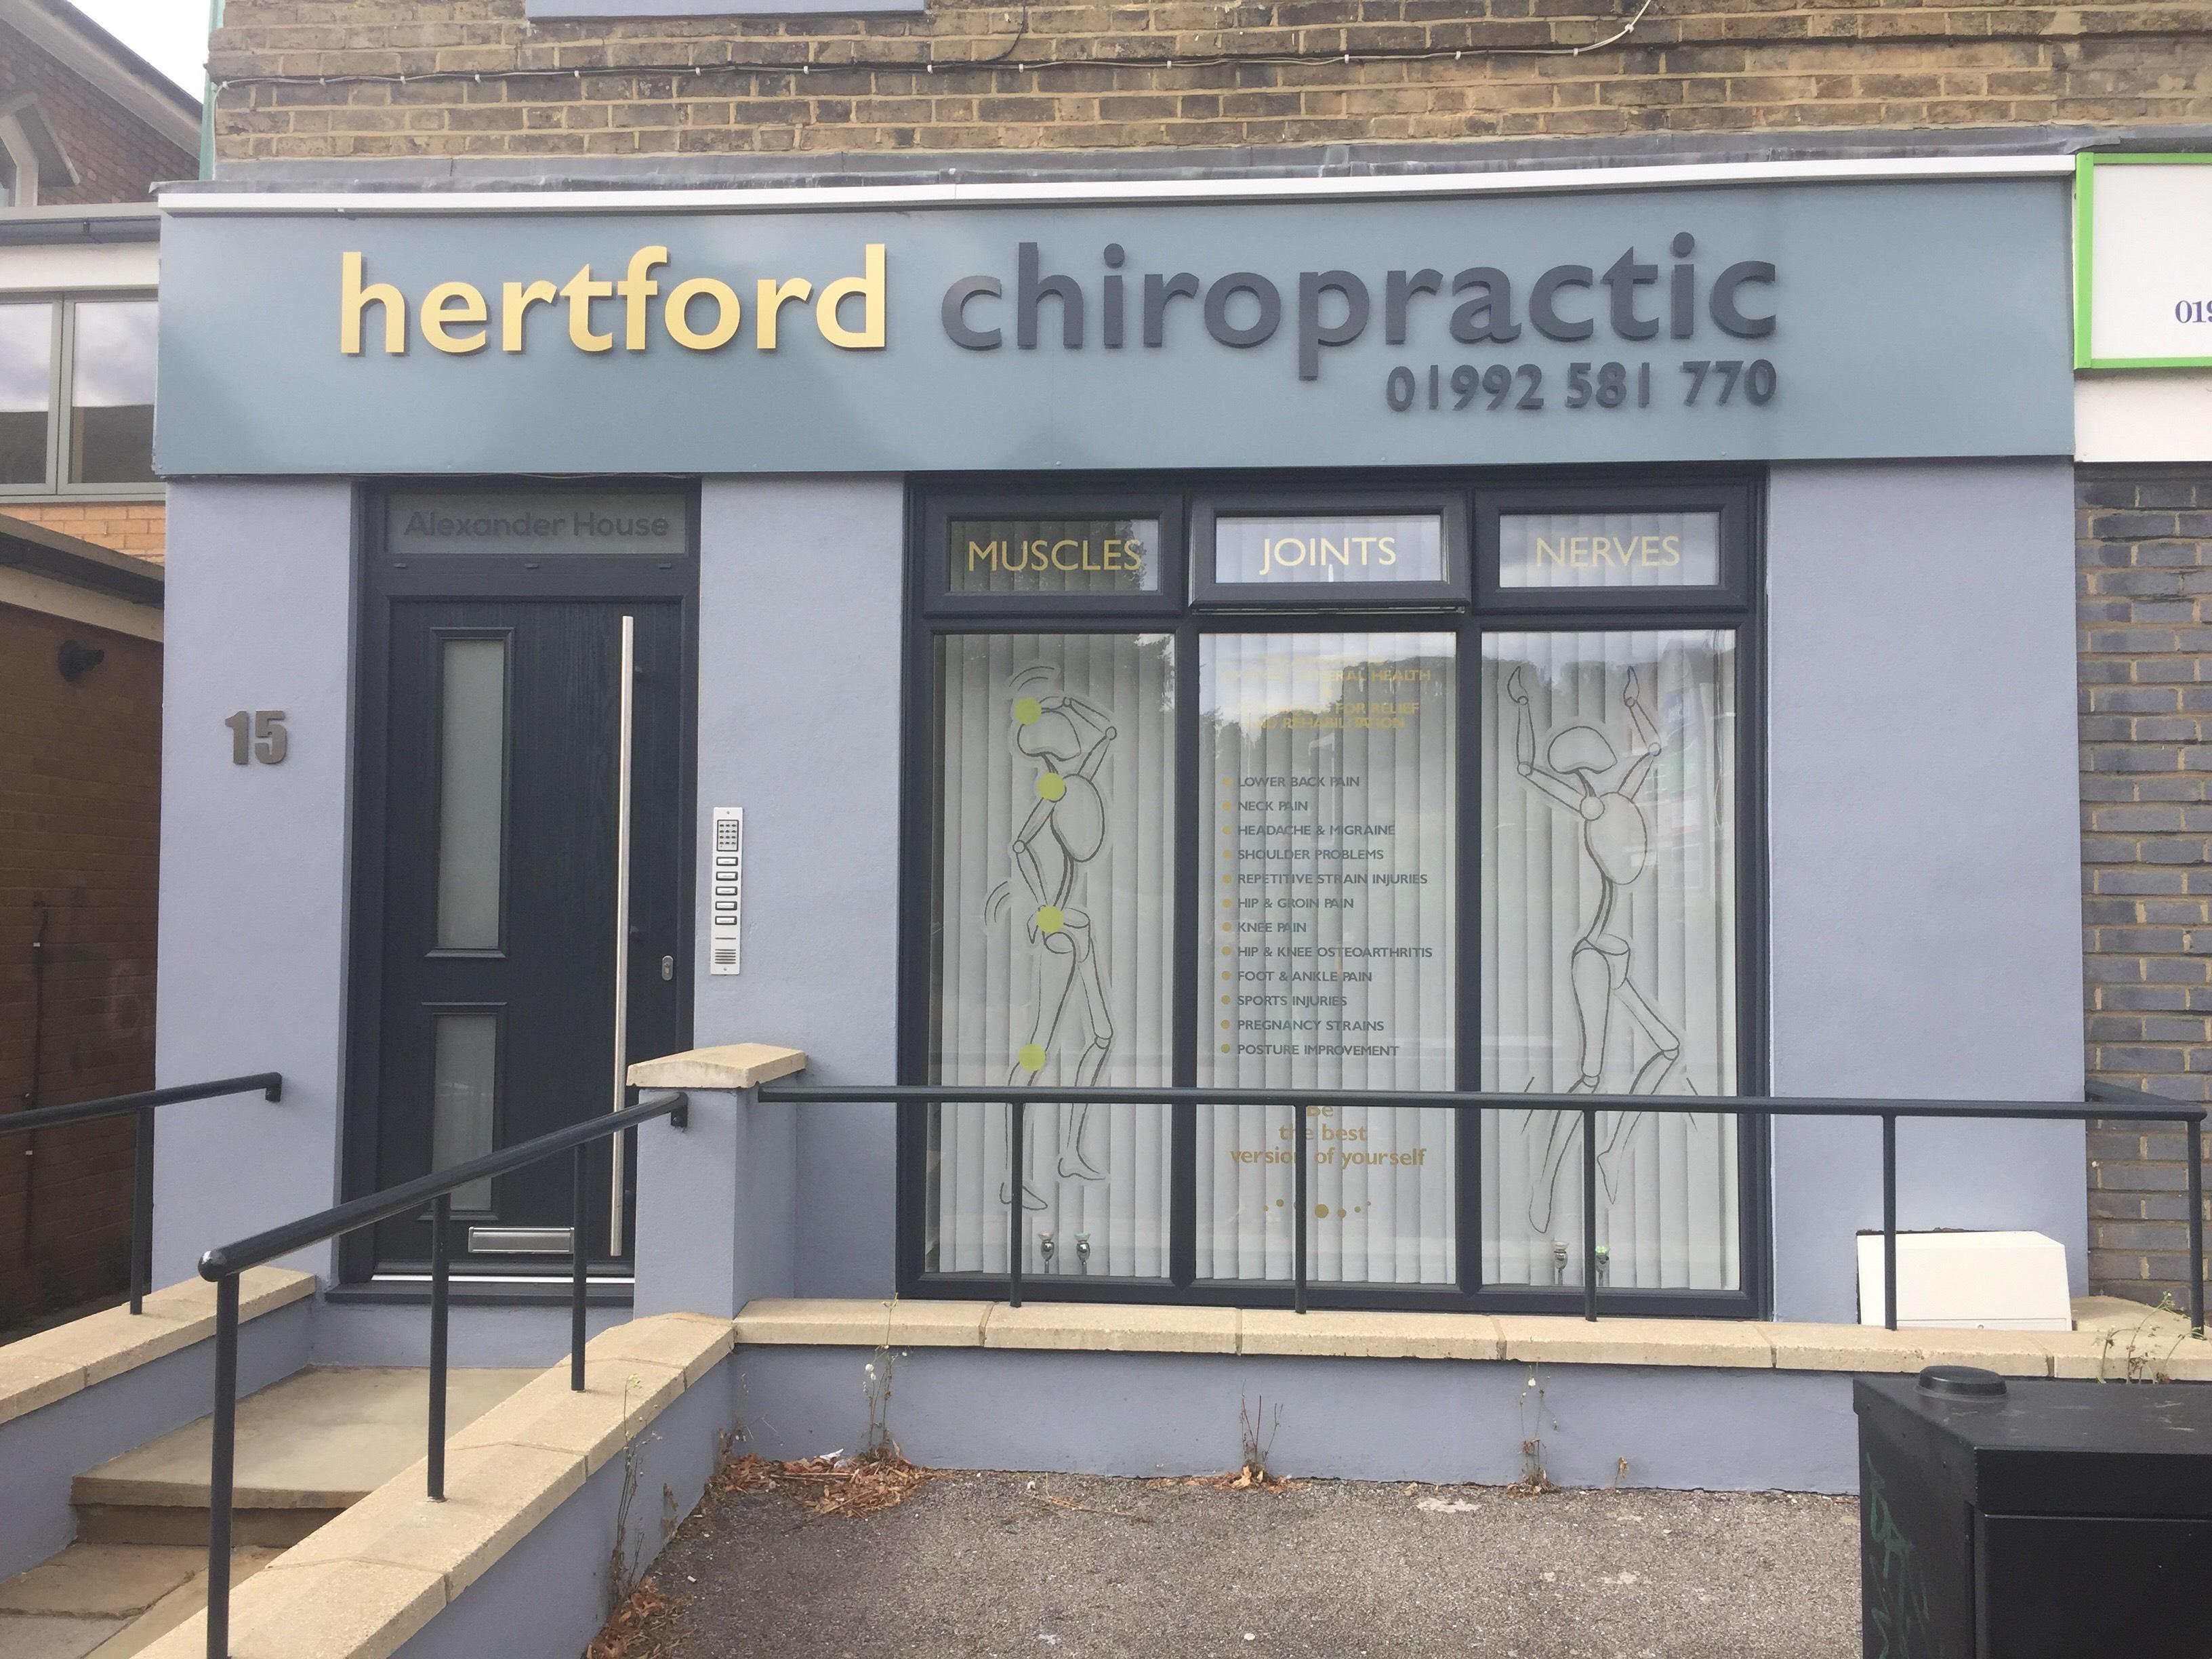 hertford-chiropractic-clinic